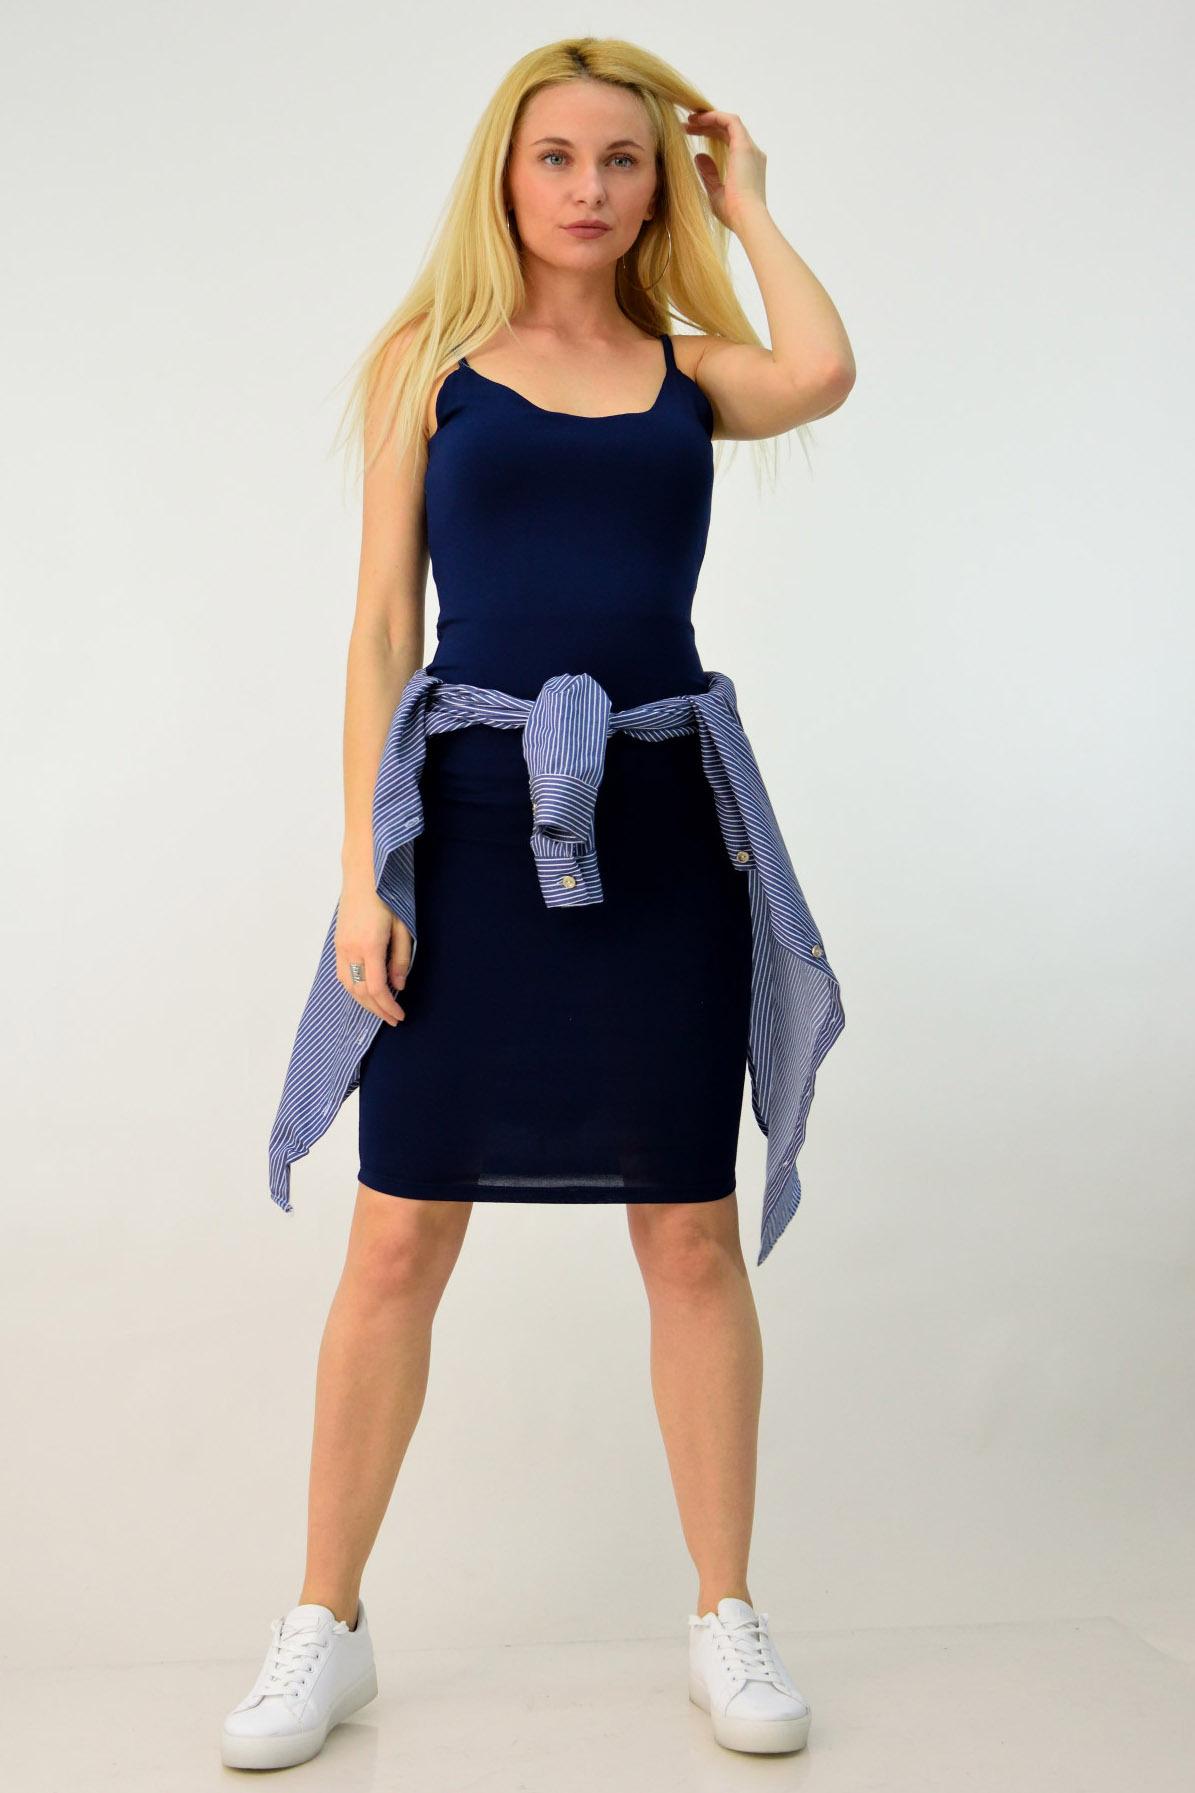 f7e5c9a53a95 Για το τέλος αφήσαμε την πιο ενδιαφέρουσα και παιχνιδιάρα πρόταση μας!  Φαντάστηκες ποτέ ότι το καρό φόρεμα σου μπορεί να μετατραπεί εύκολα στο  αγαπημένο σου ...